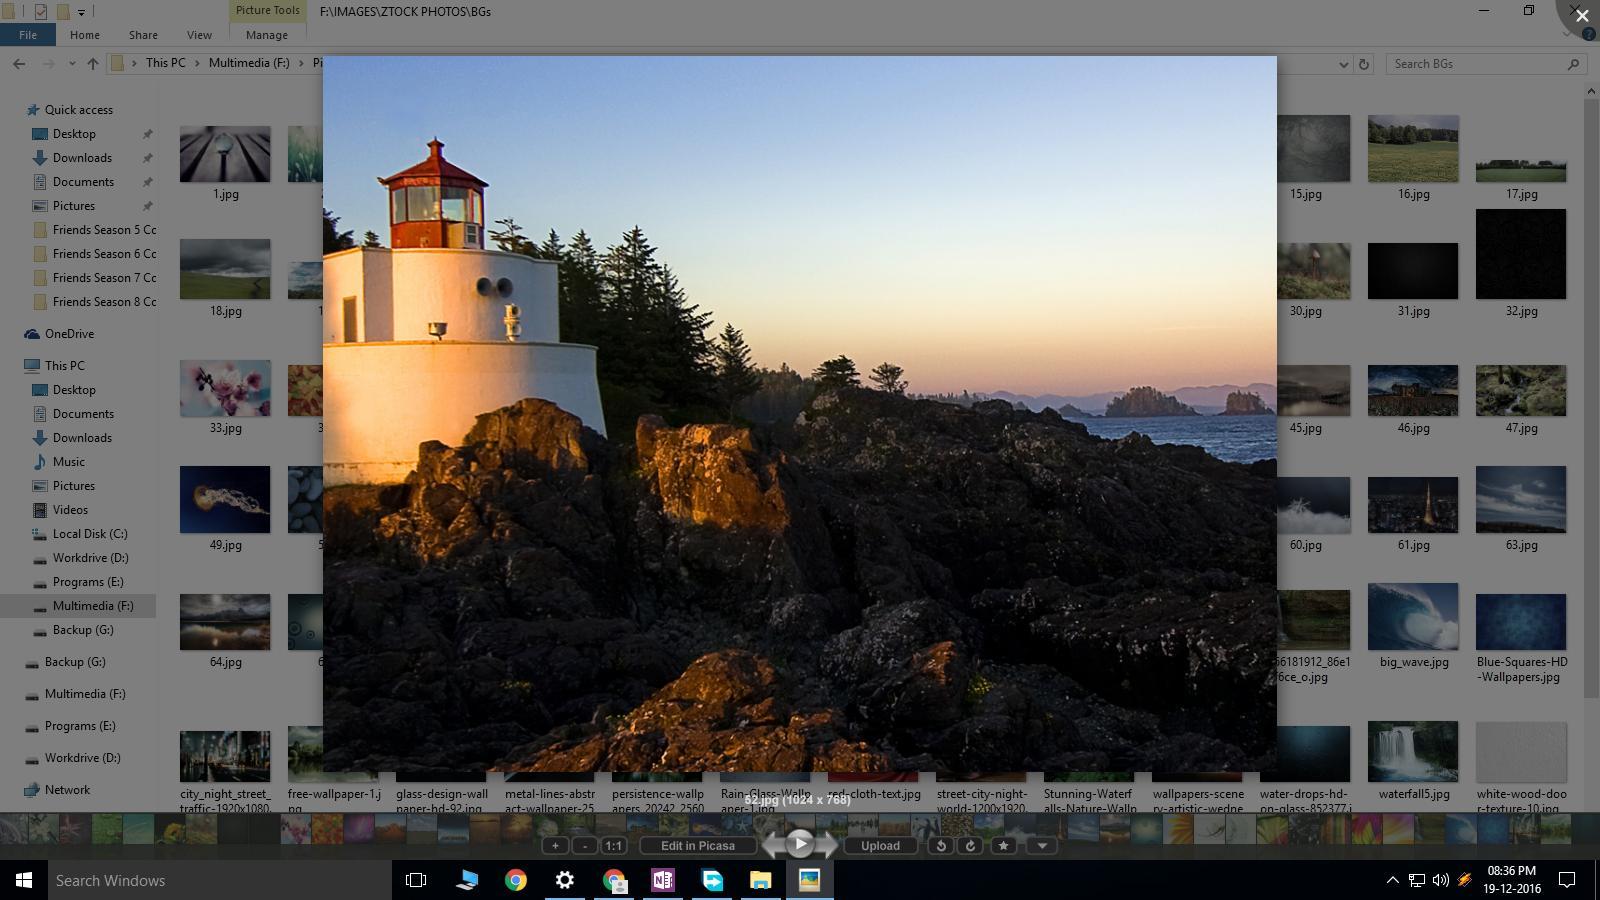 picasa hd for windows 8 1.6.0.0